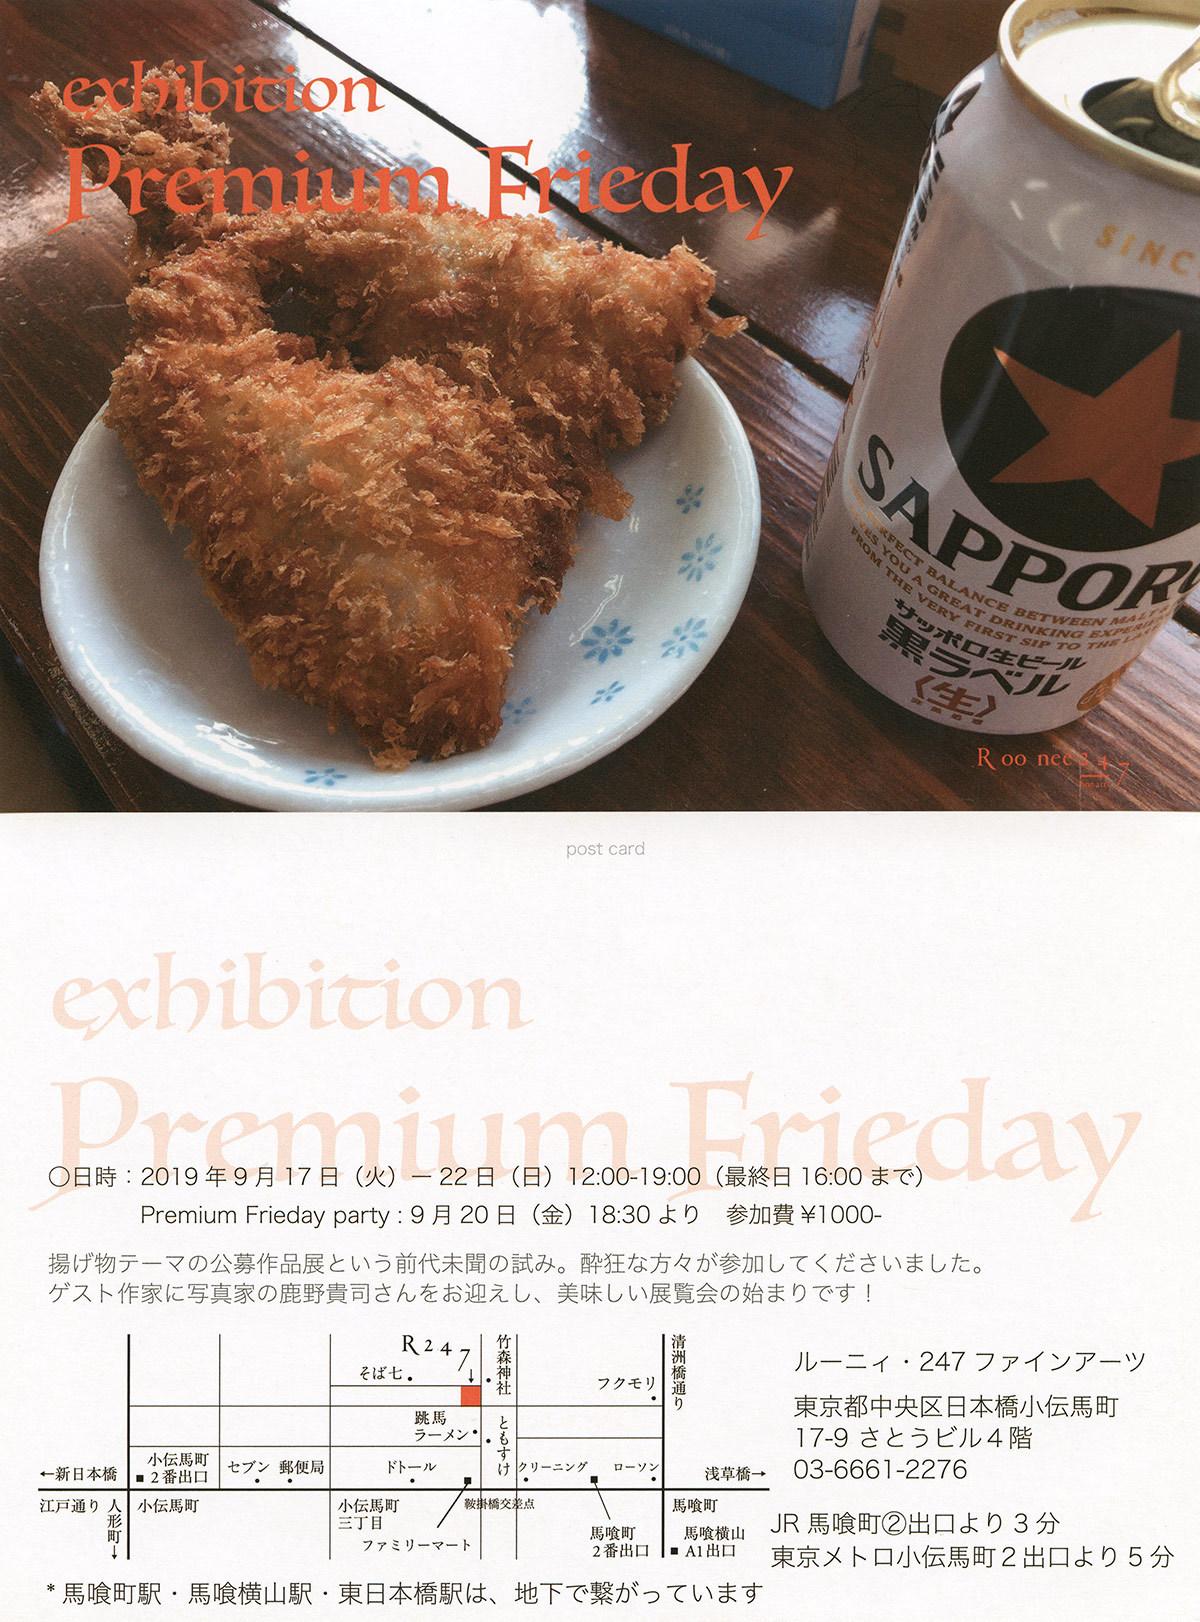 日本橋 Roonee 247 fine arts 「Premium Frieday」展に出展します_f0121181_23030877.jpg